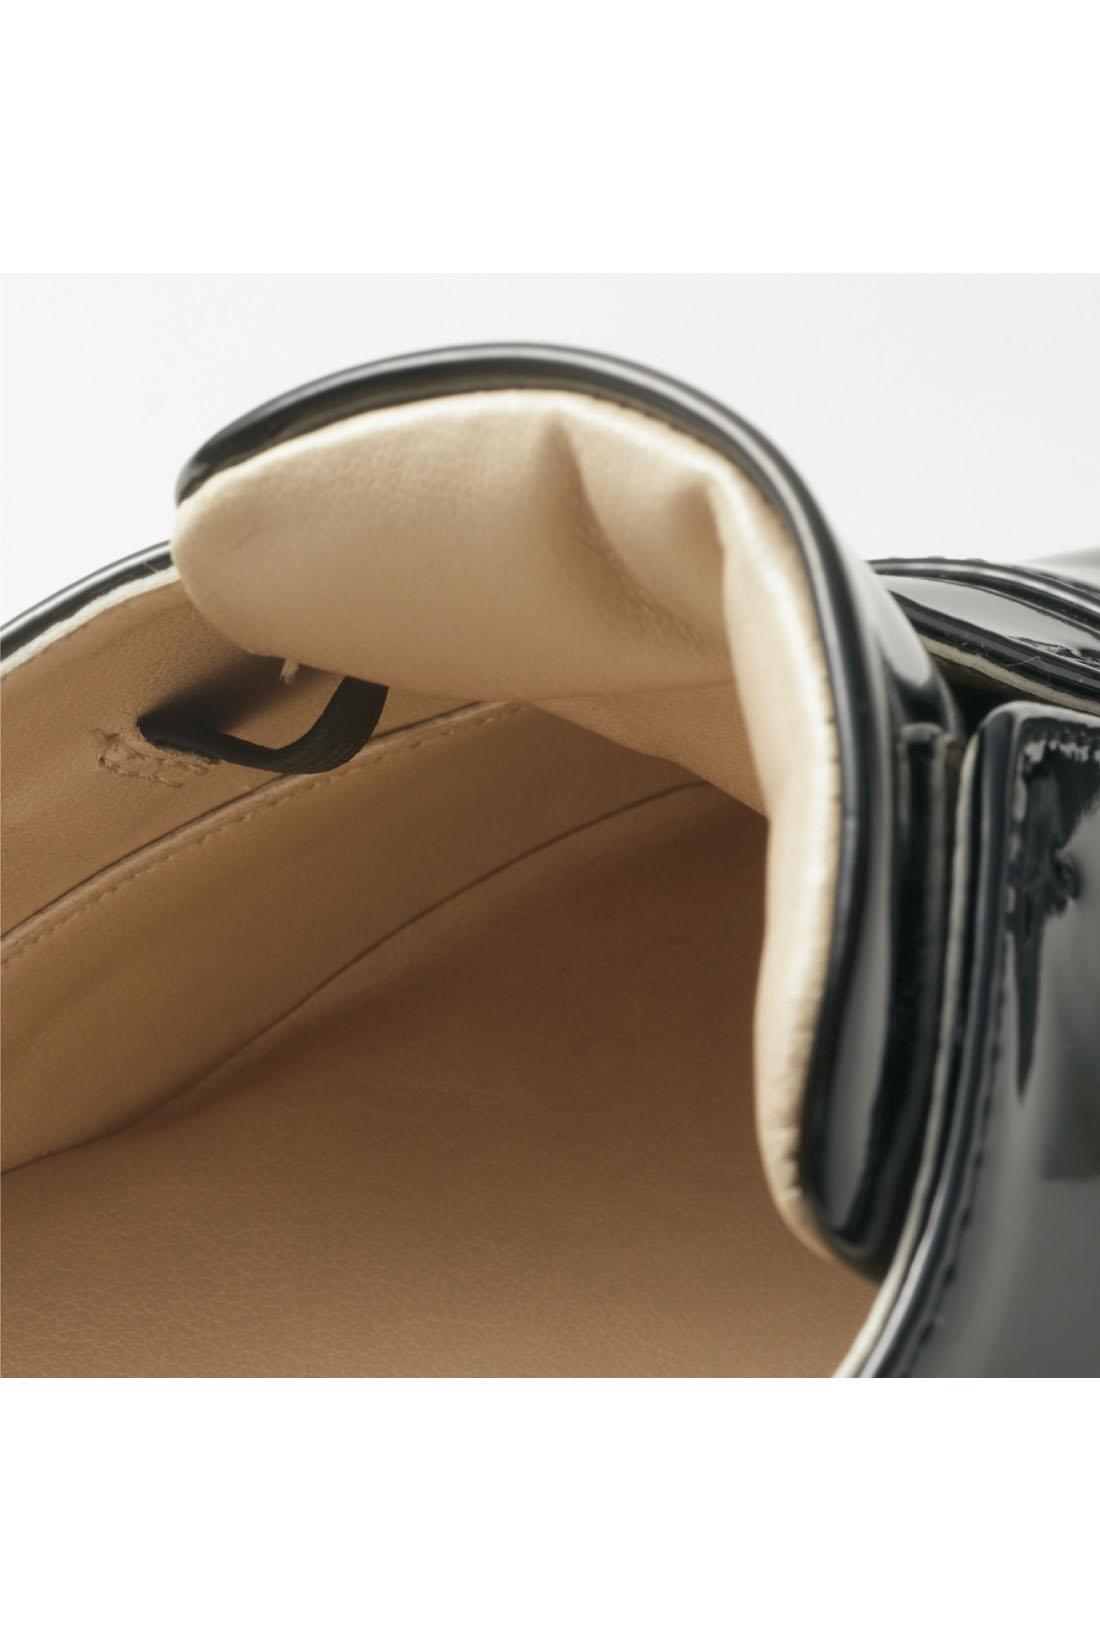 クッション性を高めたタンの内側はゴム入りなので足当たりがソフトでフィット感も抜群。脱ぎ履きしやすく、歩きやすい。